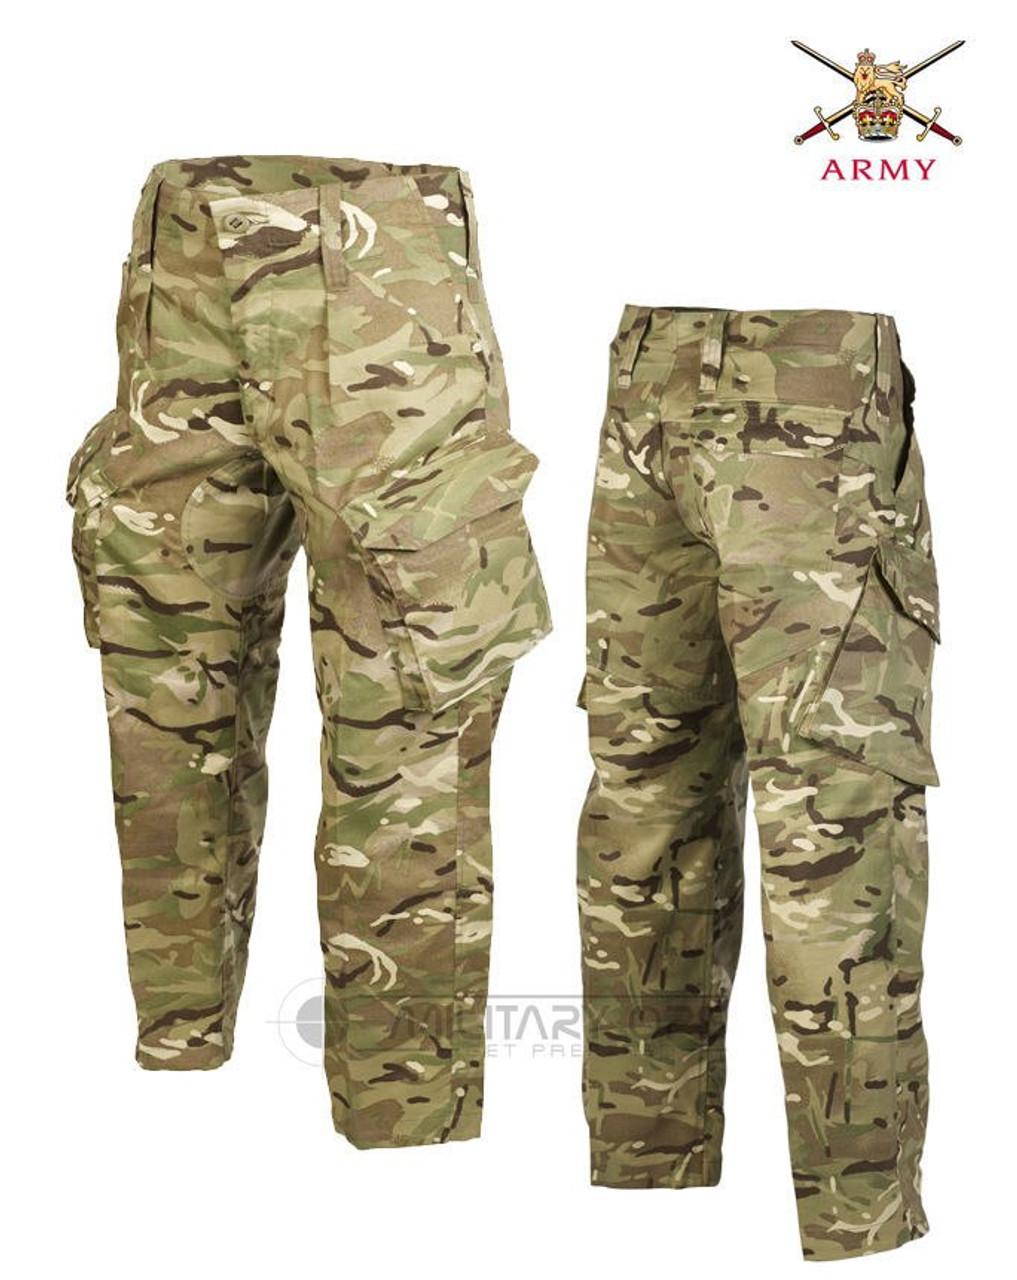 d00c25f4a0f4b British Army PCS MTP Trousers (G1) - MilitaryOps Ltd